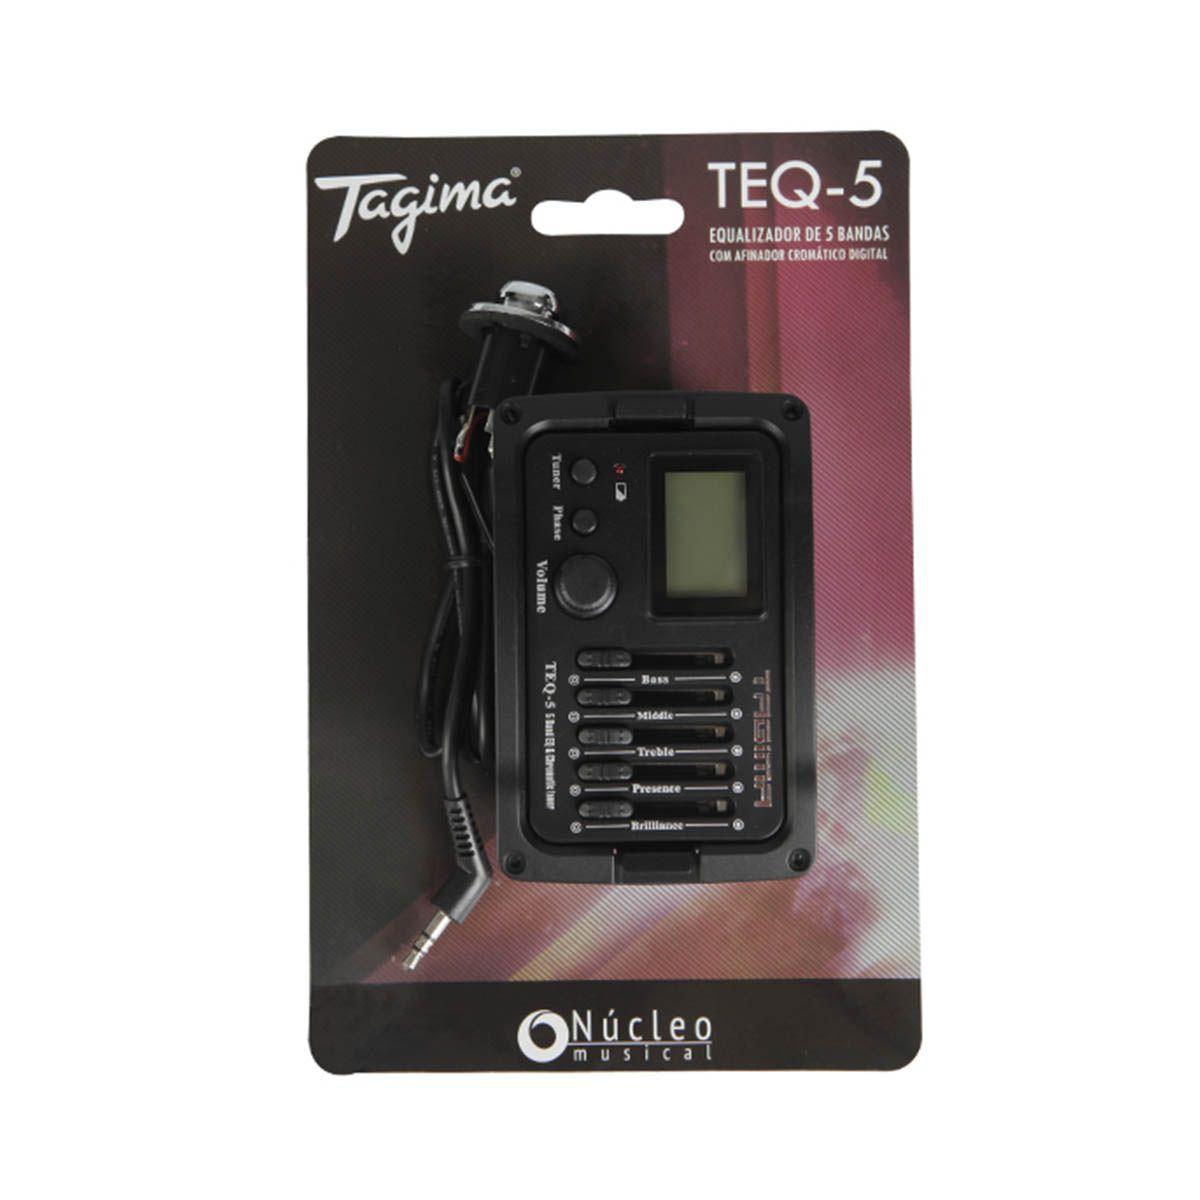 Pré Equalizador Tagima TEQ-5 com Afinador